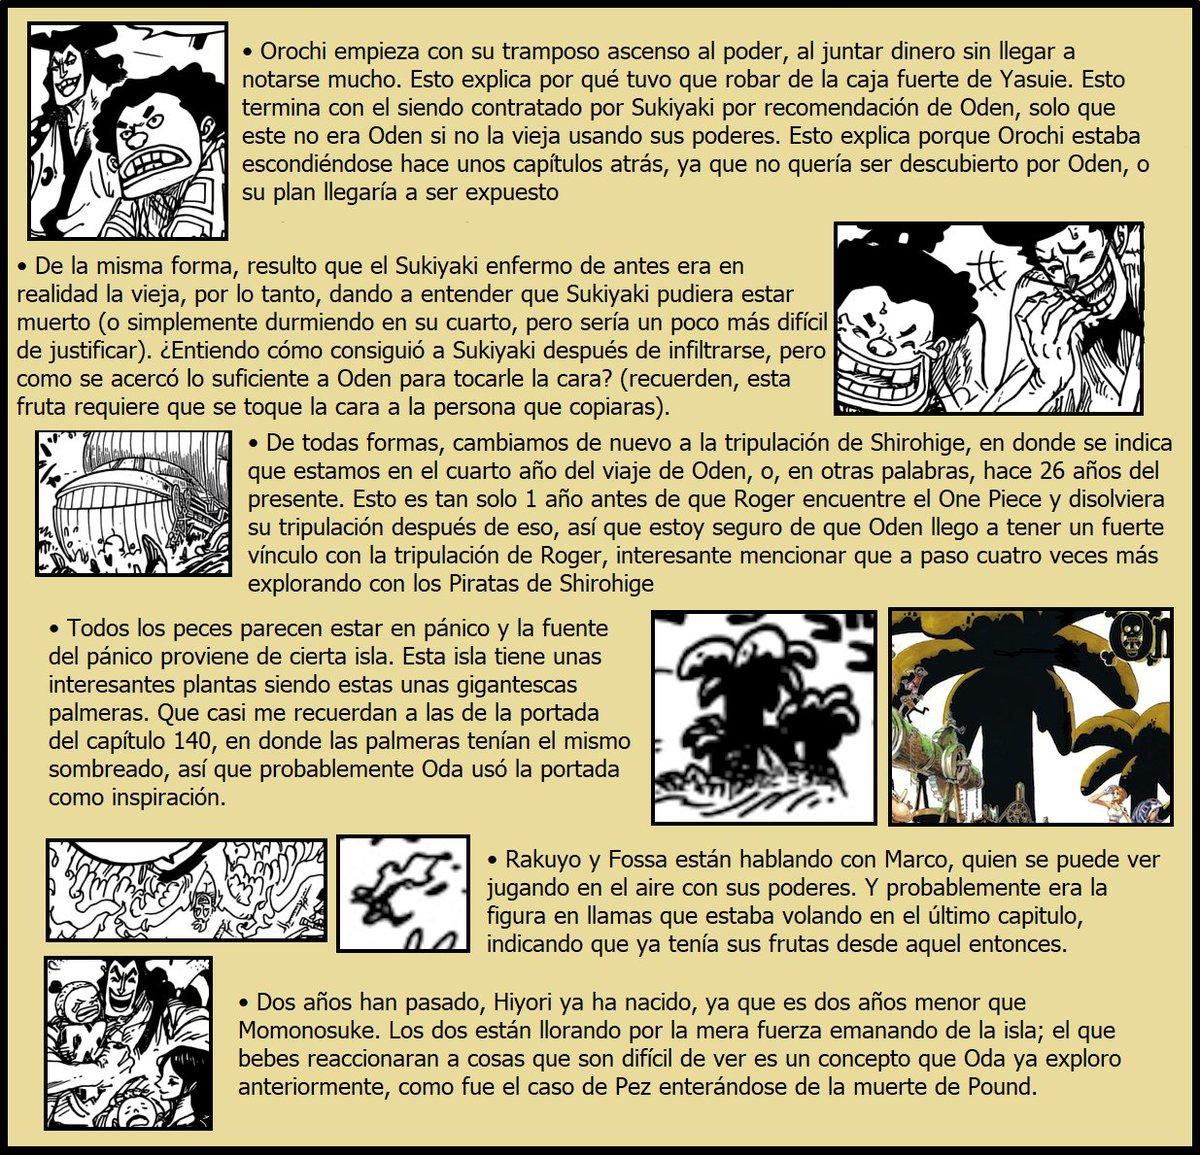 Secretos & Curiosidades - One Piece Manga 965 EMC48ejWoAAW7Cg